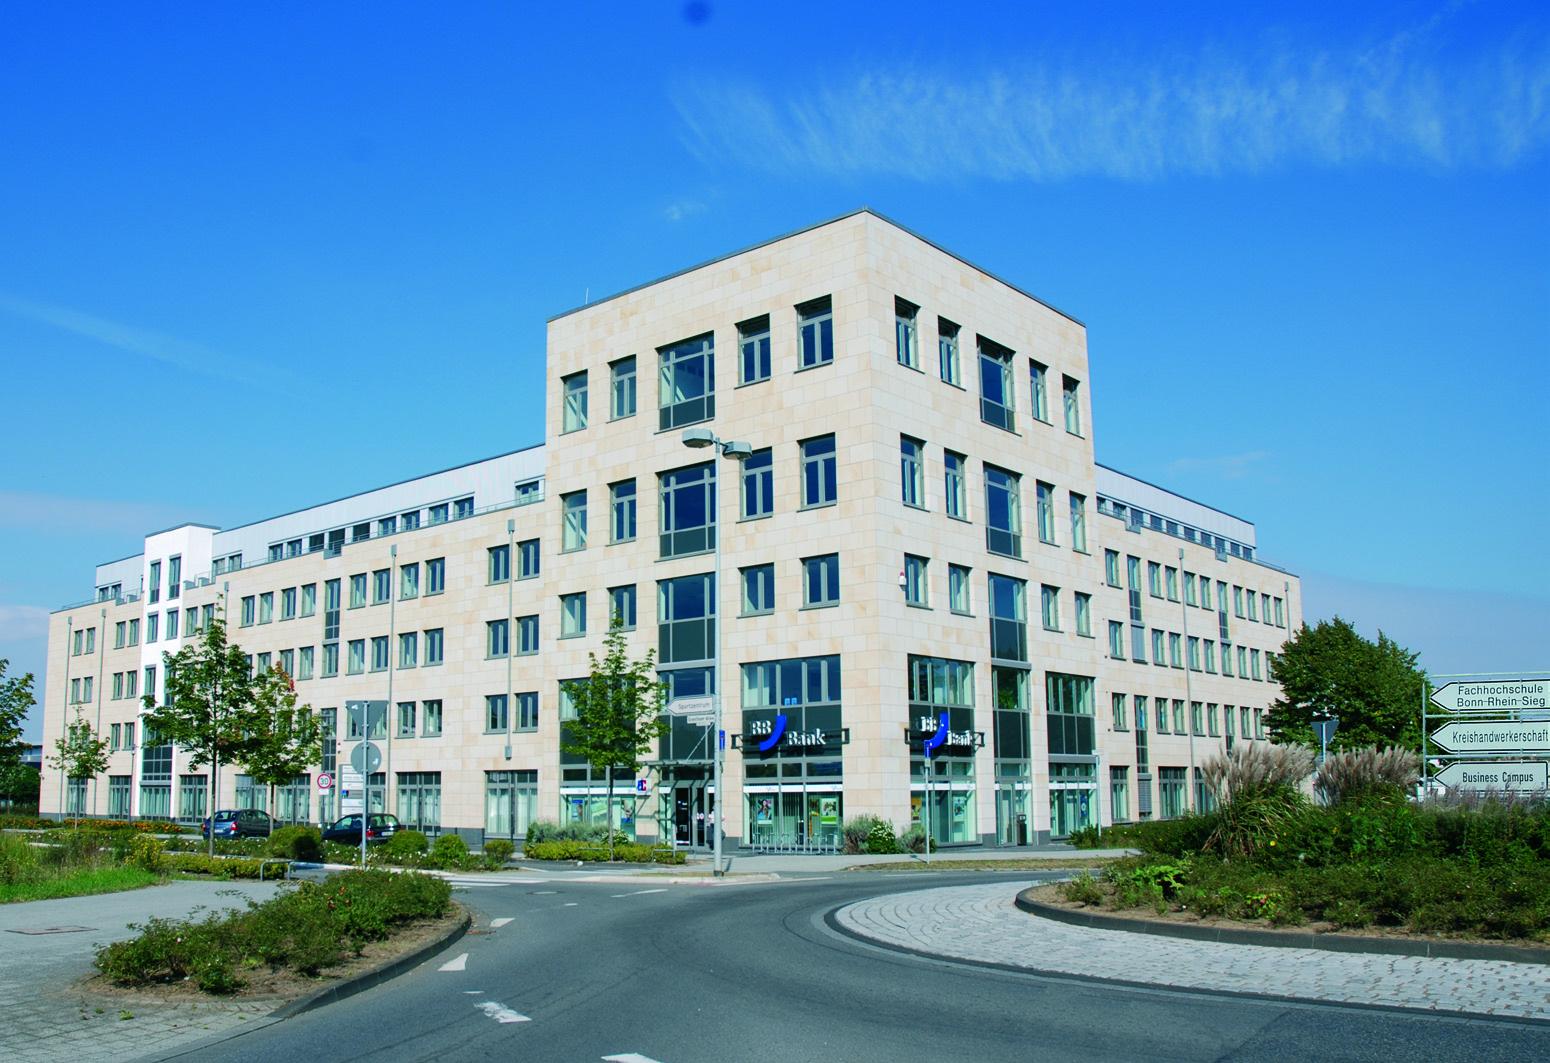 Willkommen bei der Kreishandwerkerschaft Bonn•Rhein-Sieg